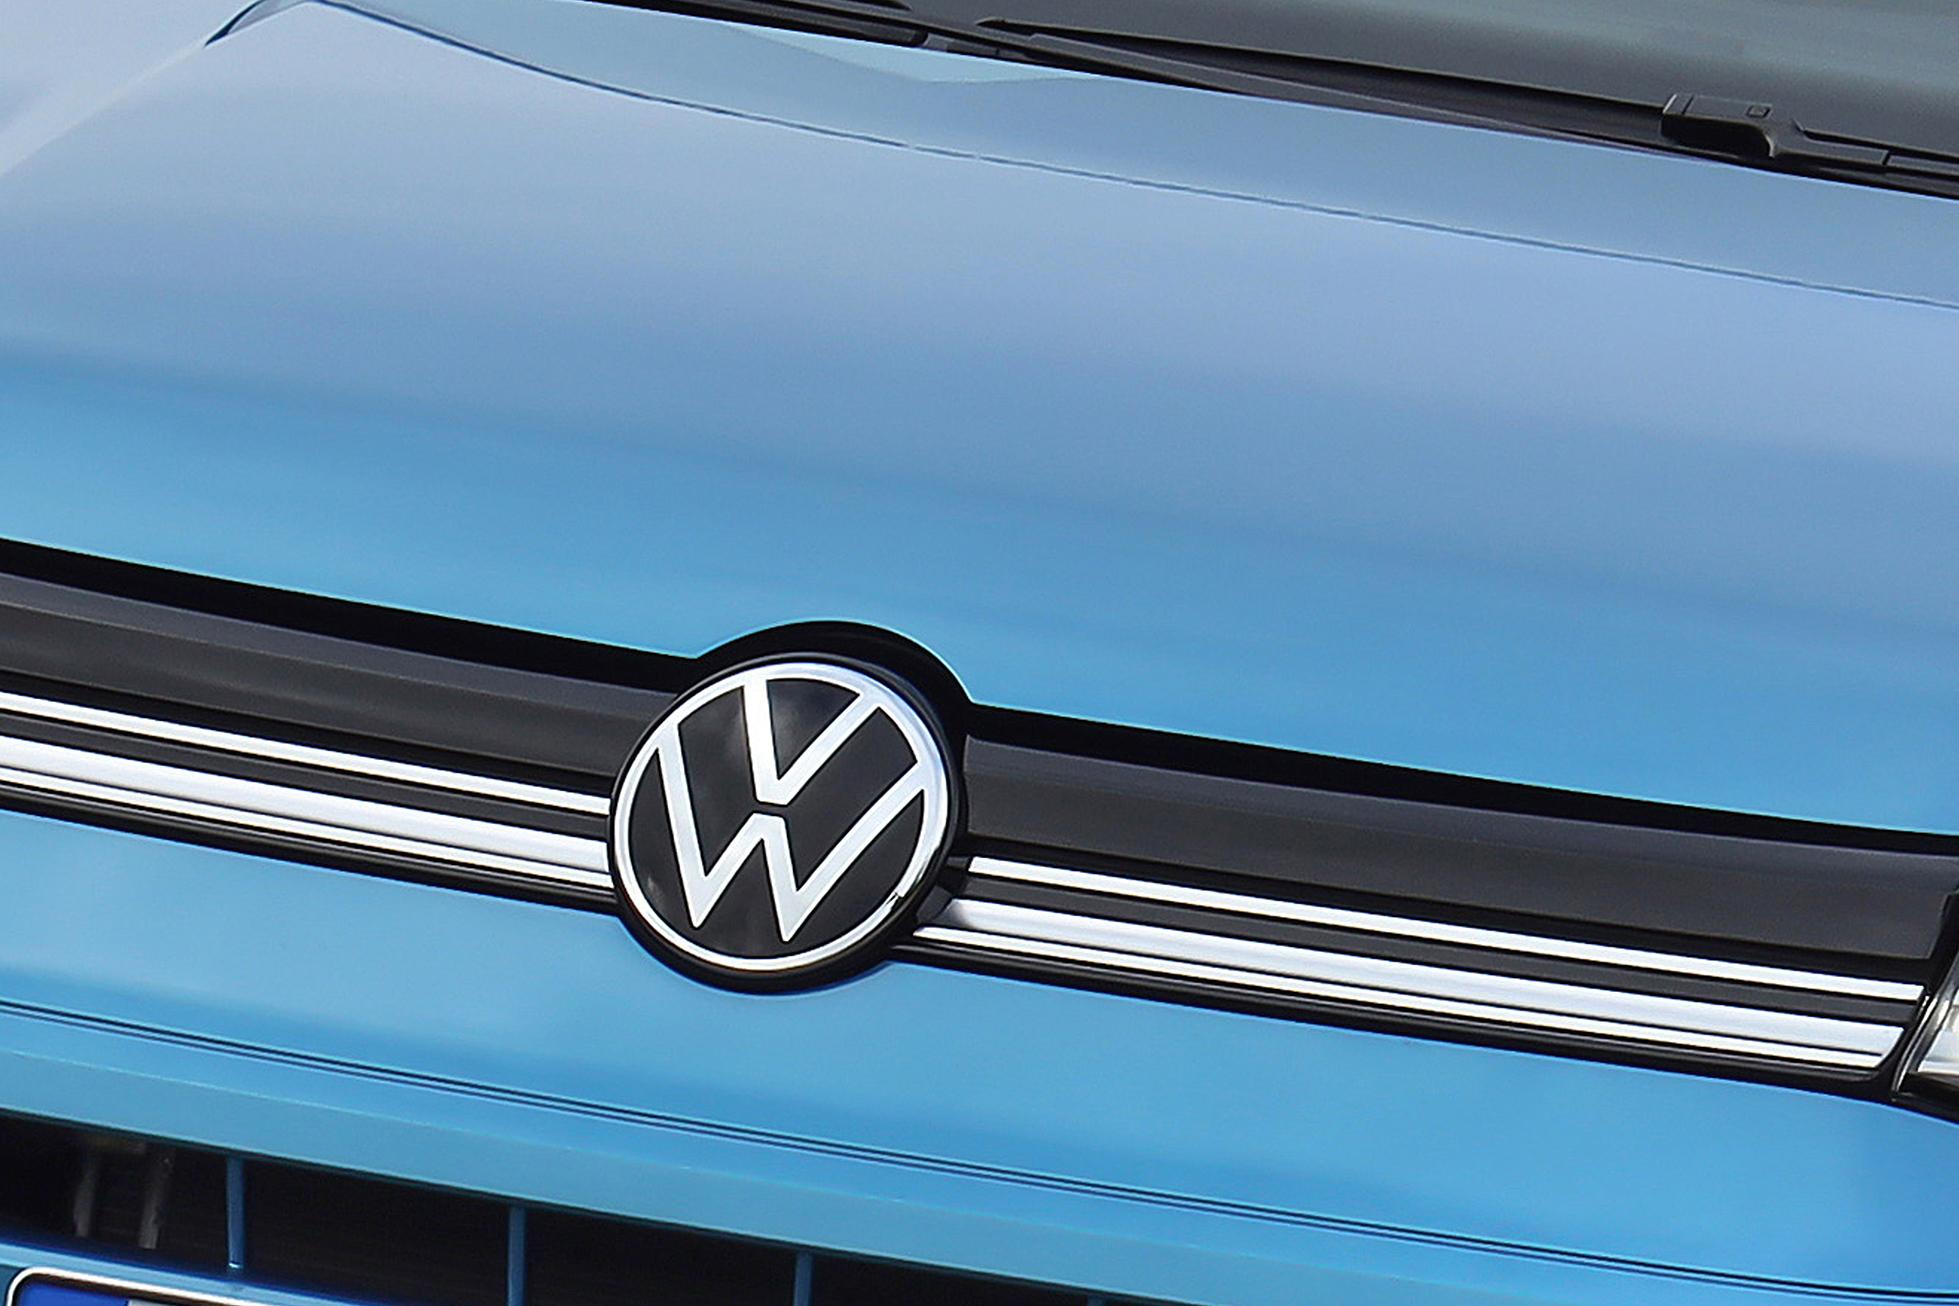 VW Yalova'ya mı yatırım yapacak?